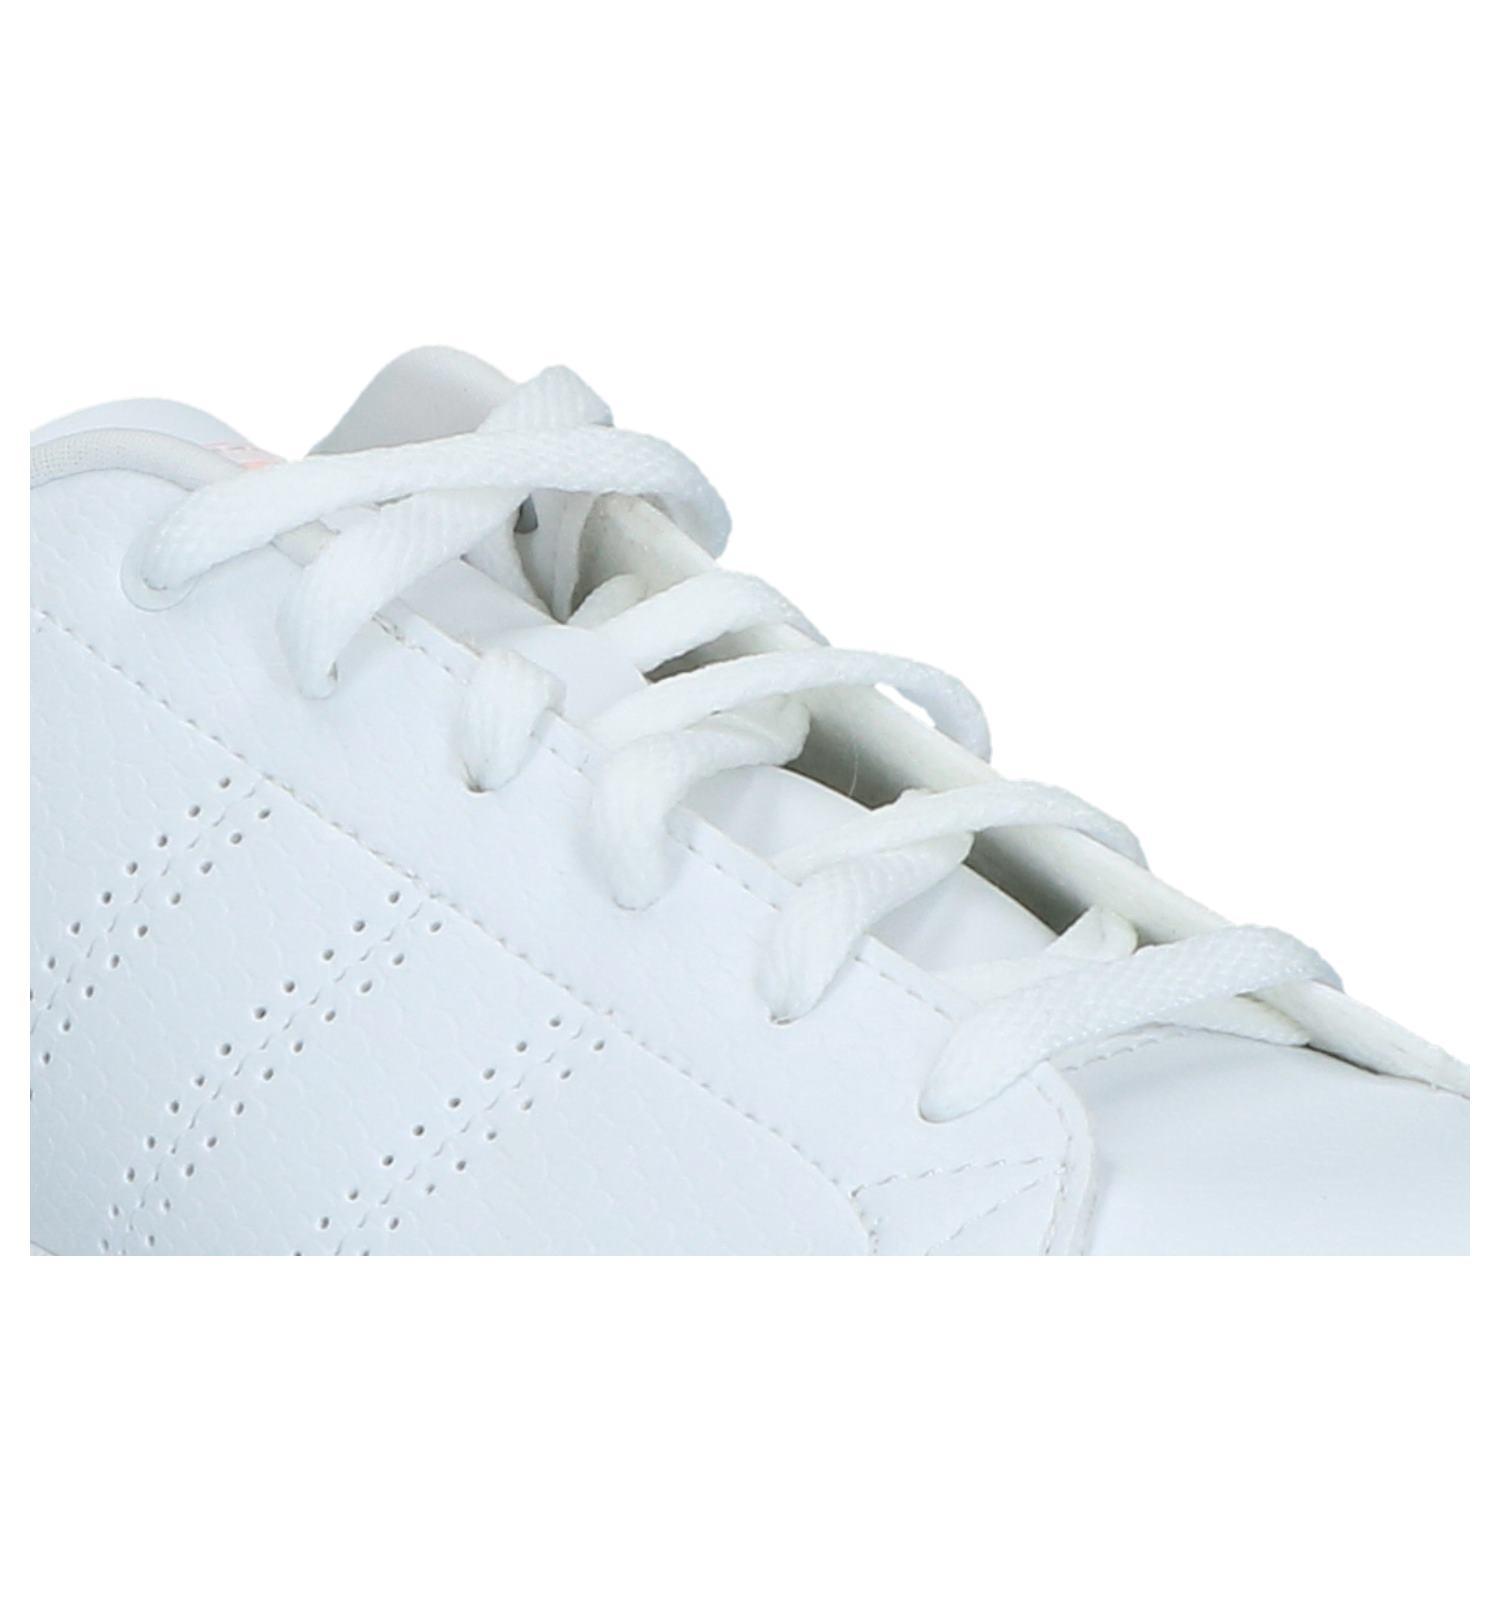 reputable site 04256 99ce5 Witte Sneakers adidas Advantage Clean QT  TORFS.BE  Gratis verzend en  retour